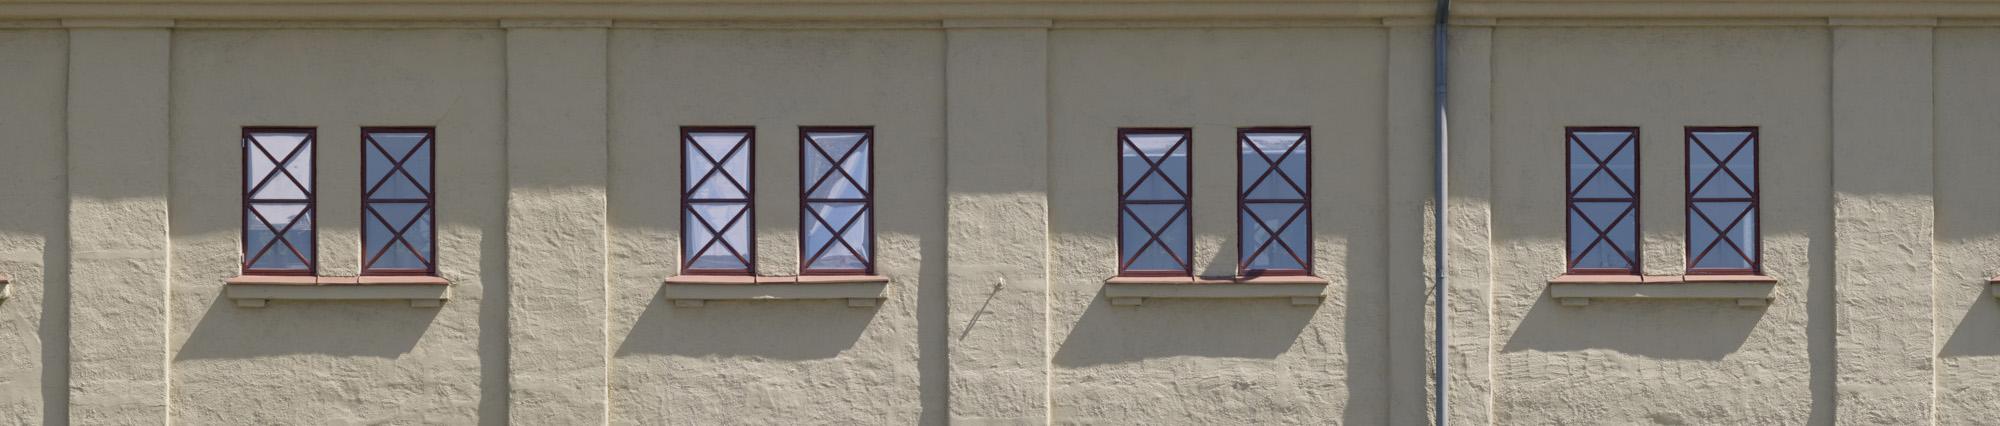 Lagerhusets gula stenfasad med röda fönster.